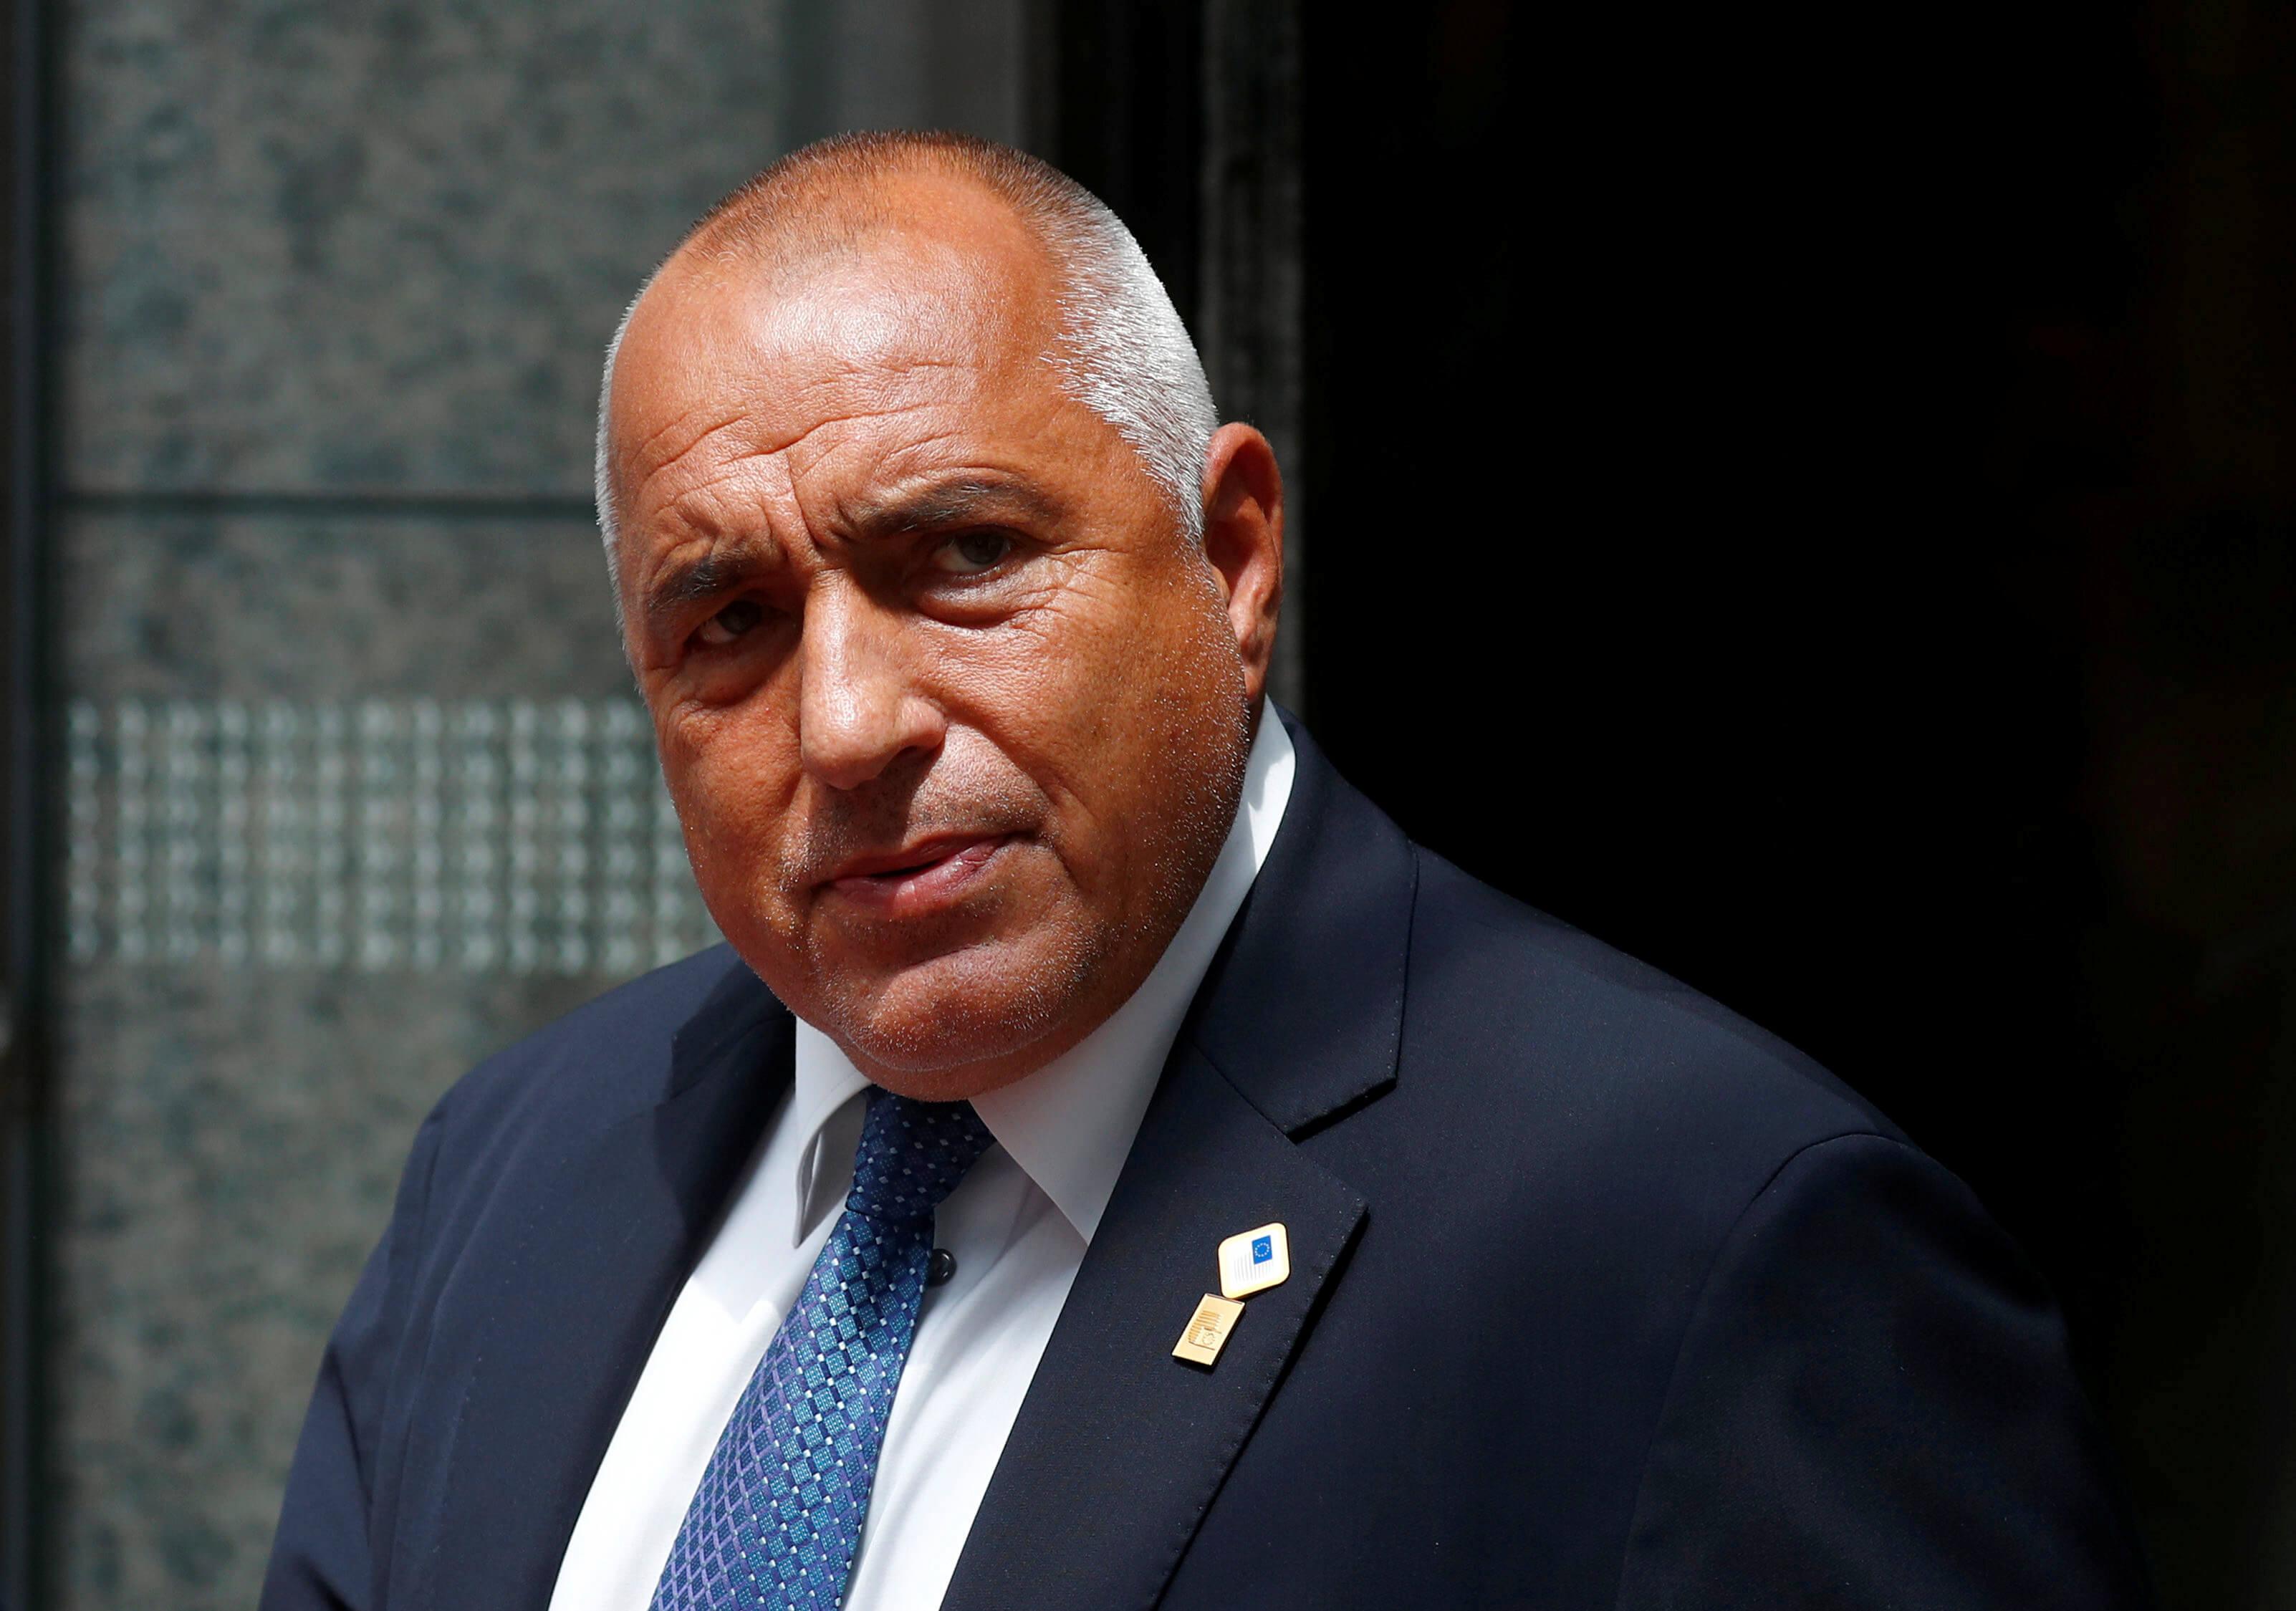 Κορονοϊός: Θετικός ο πρωθυπουργός της Βουλγαρίας Μπόικο Μπορίσοφ